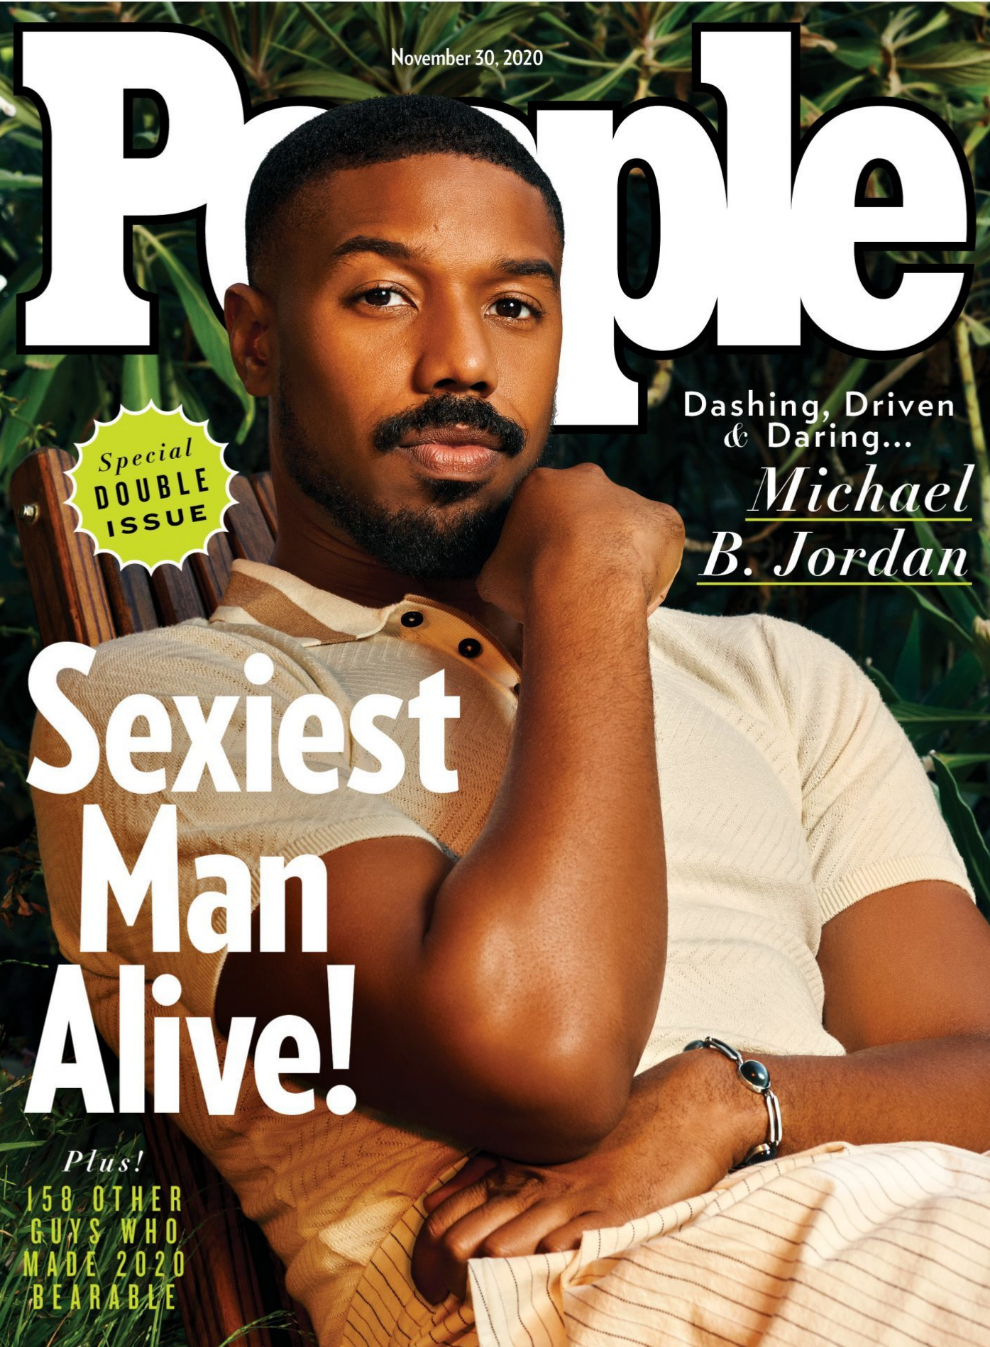 Portada de la revista People con Michael B. Jordan como hombre vivo más sexy de 2020